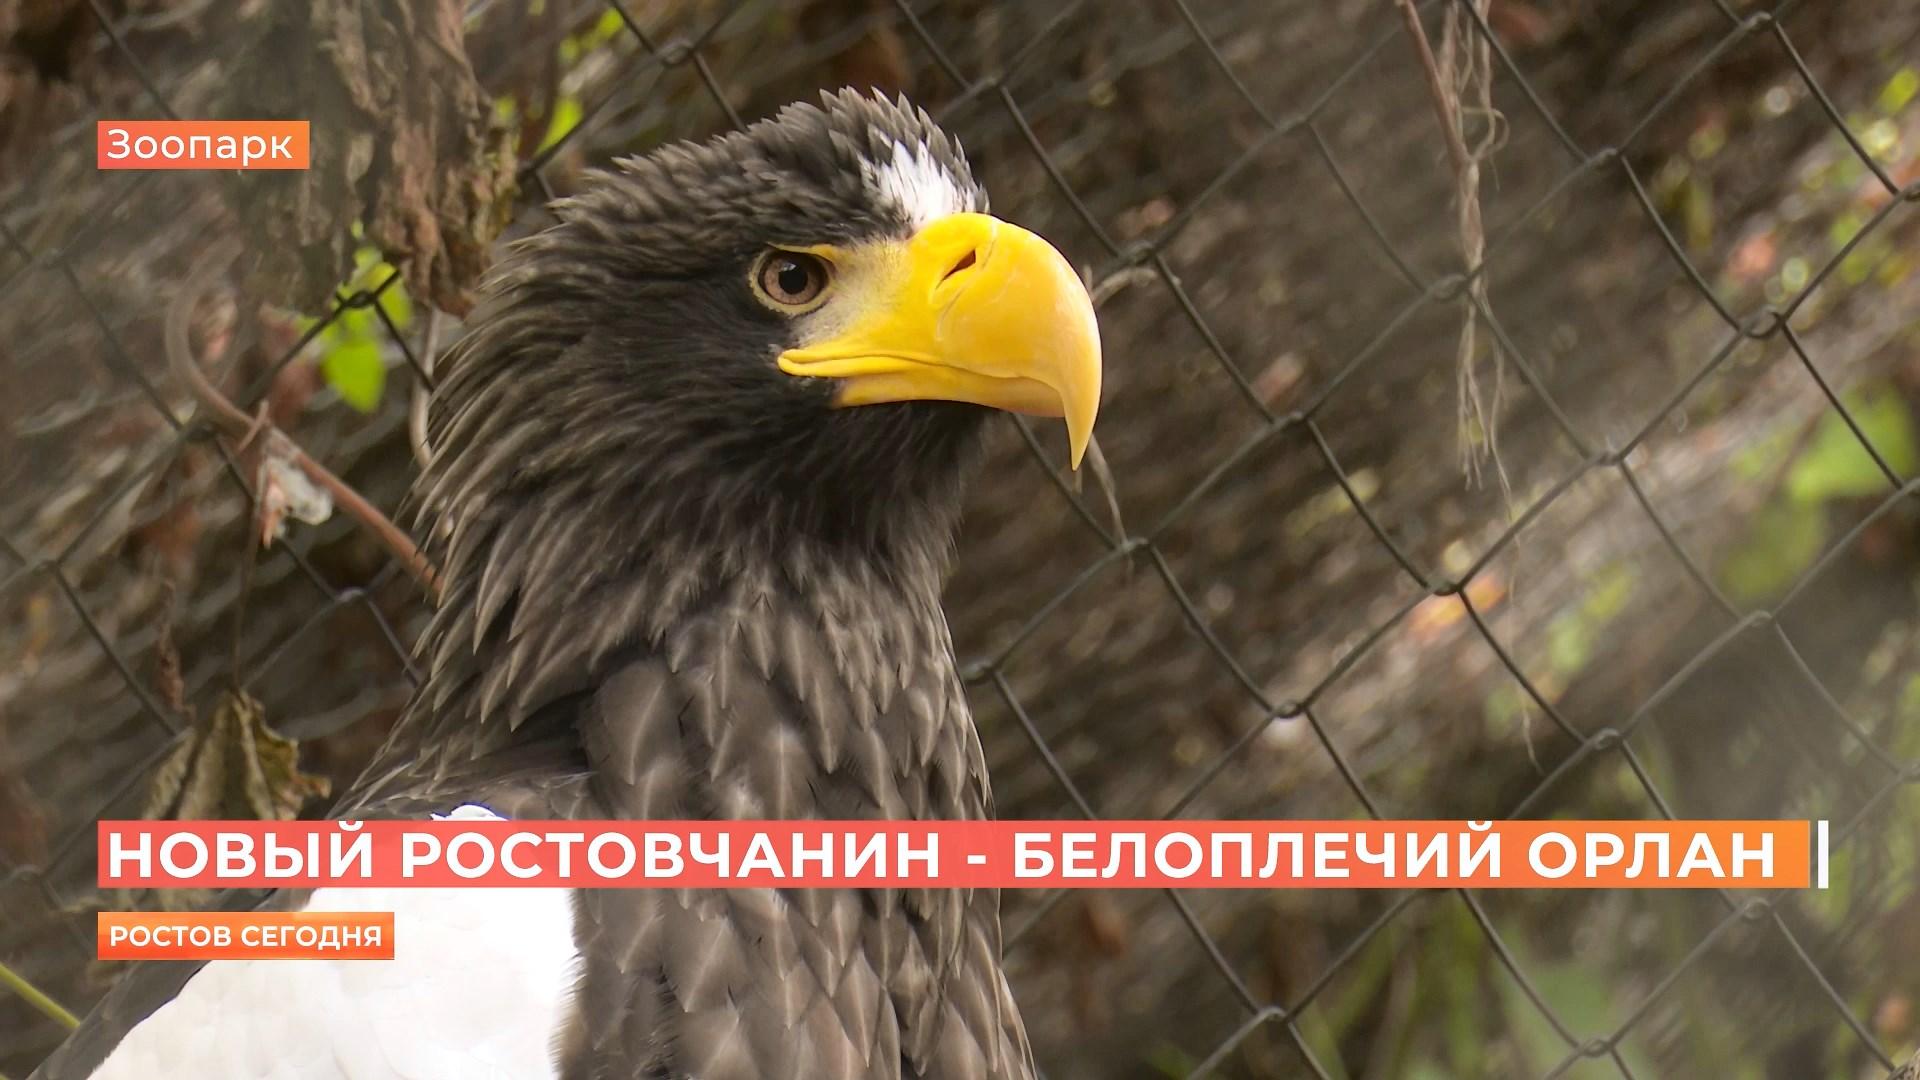 Белоплечий орлан поселился в Ростовском зоопарке